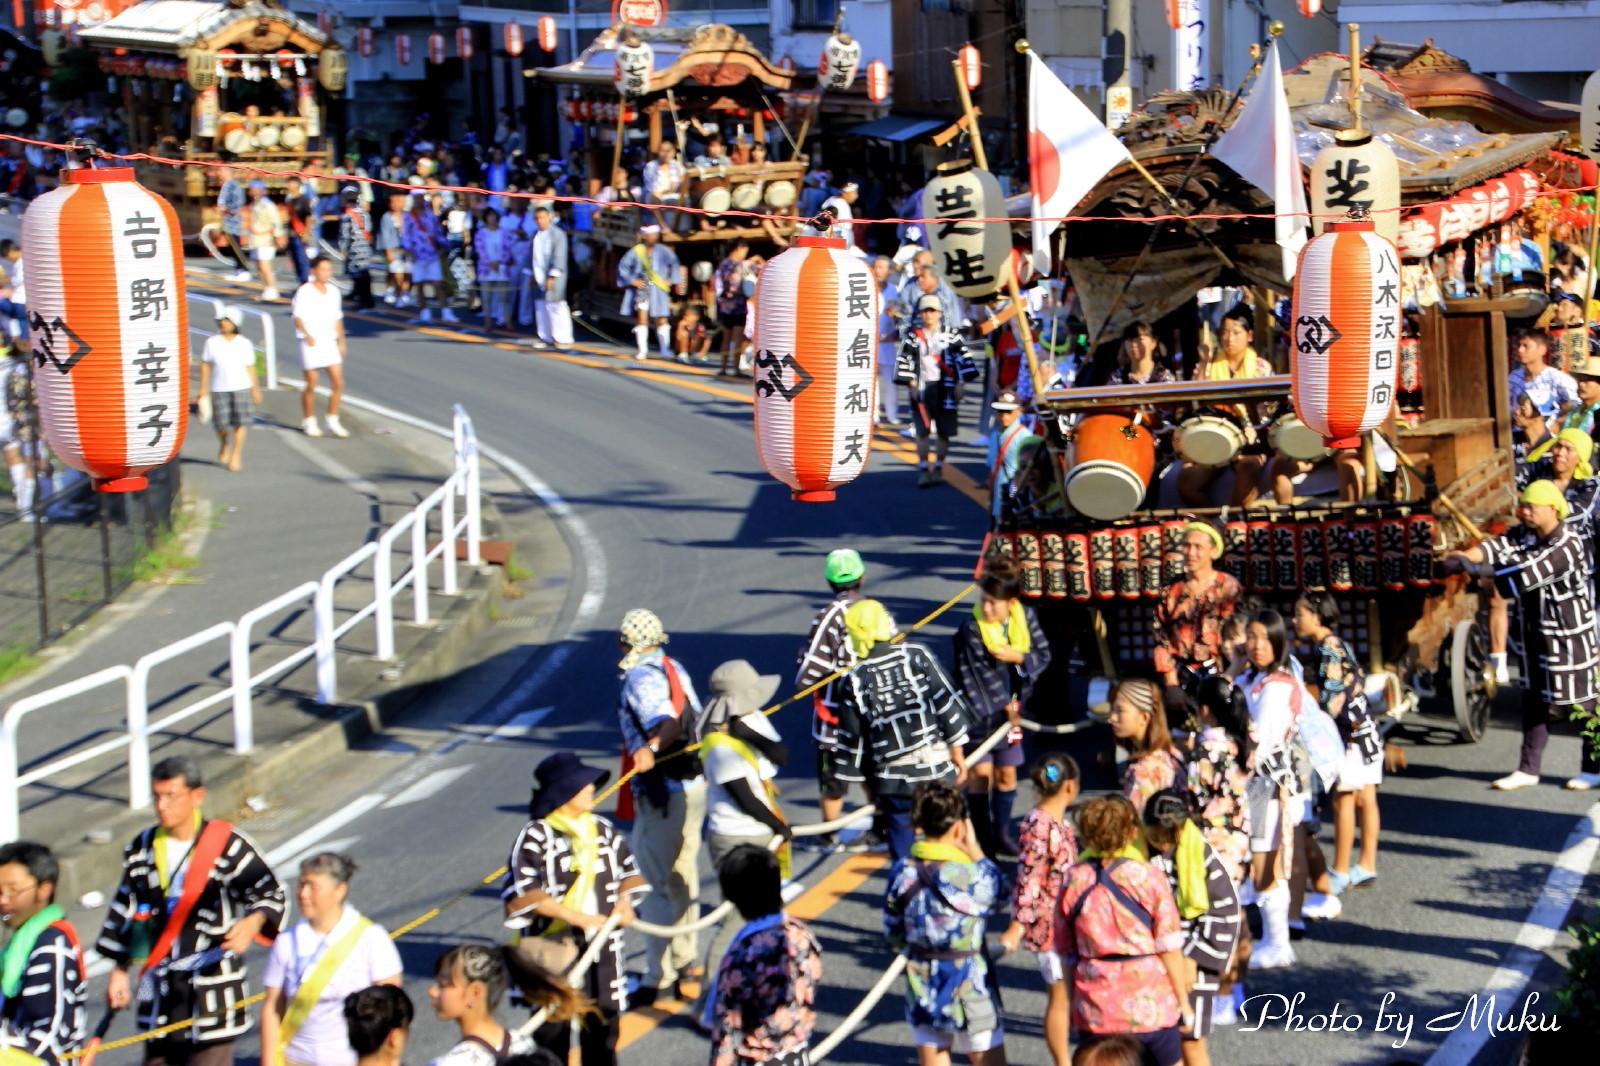 2014.9.14 浦賀祭 (西浦賀:神奈川県横須賀市)